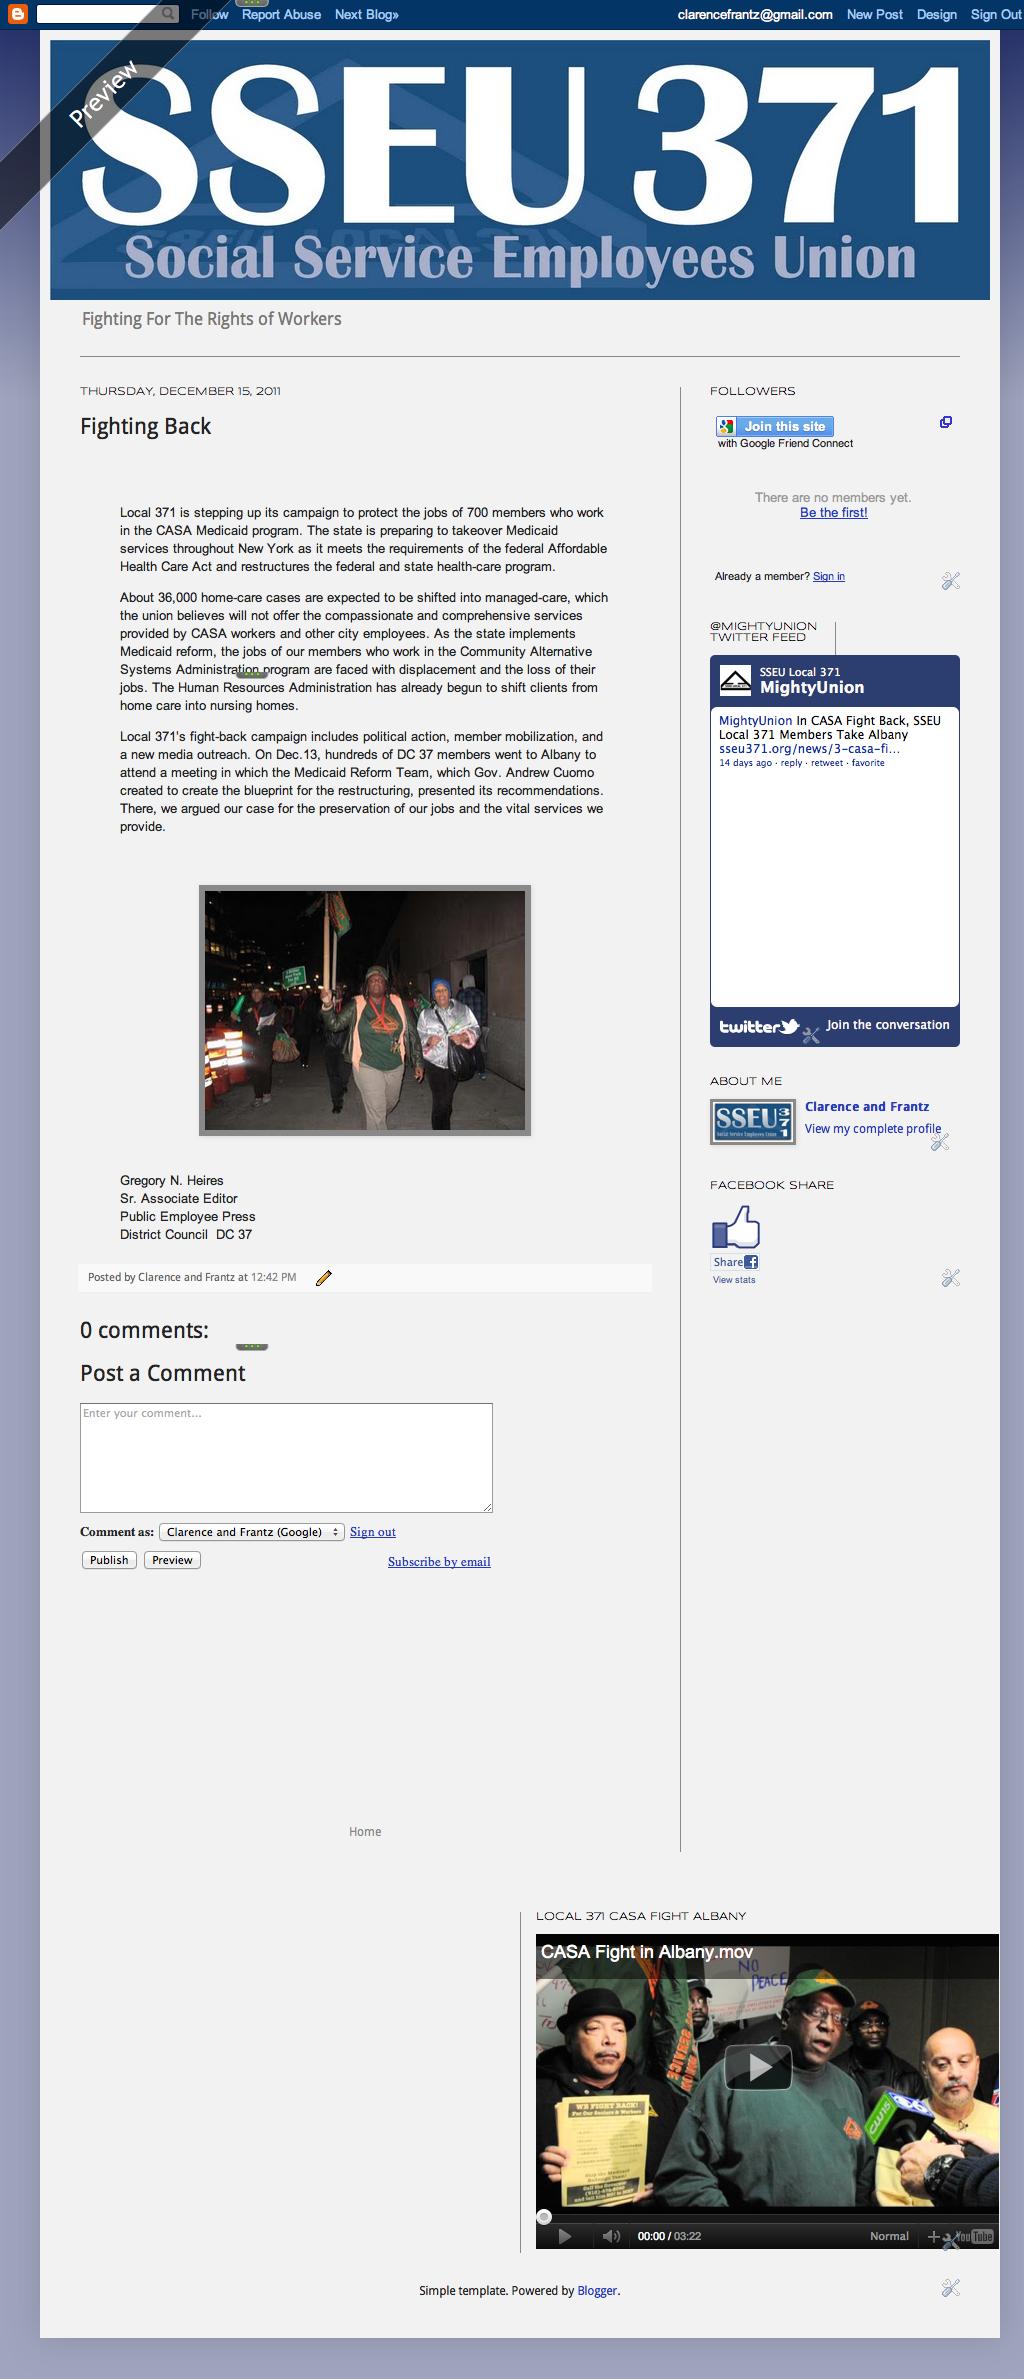 Laboring For Laborer's Rights: CASA & Local 371